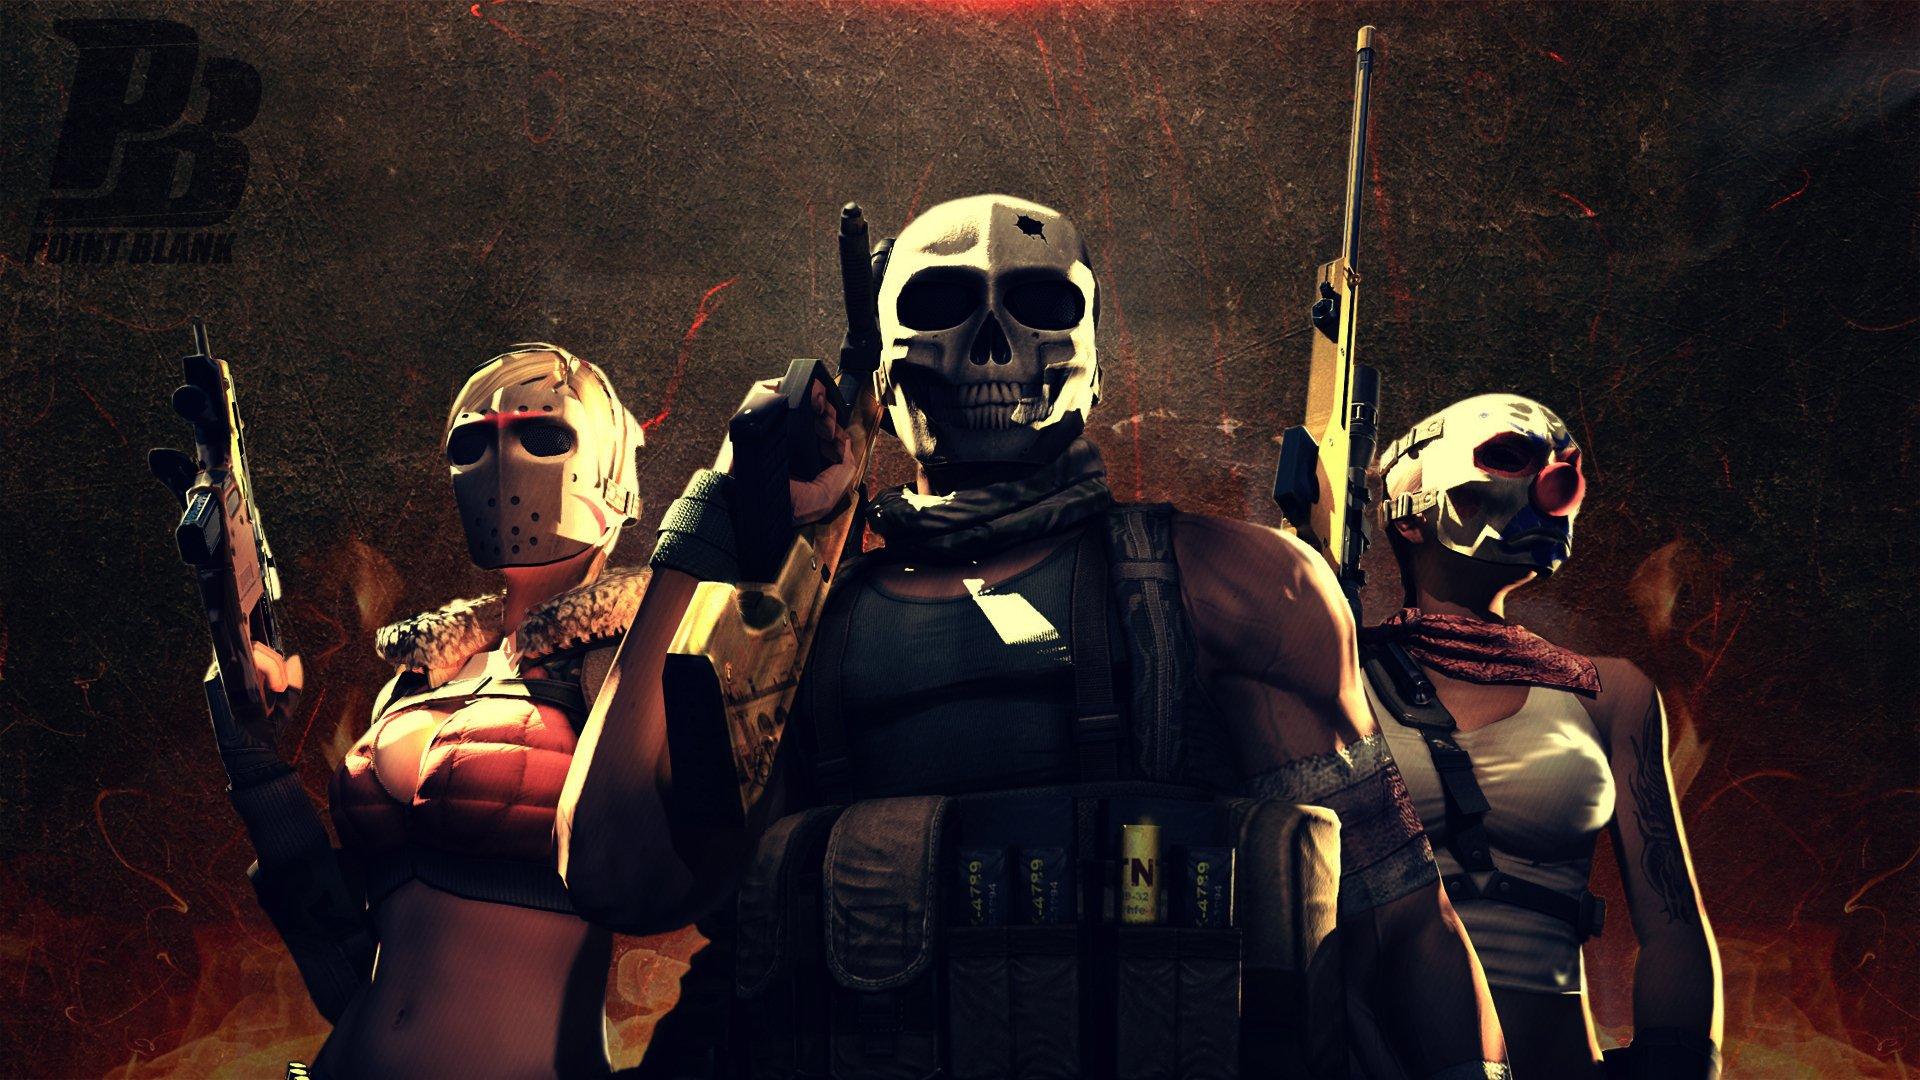 Video Game - Point Blank  Warrior Weapon Gun Machine Gun Mask Soldier Wallpaper